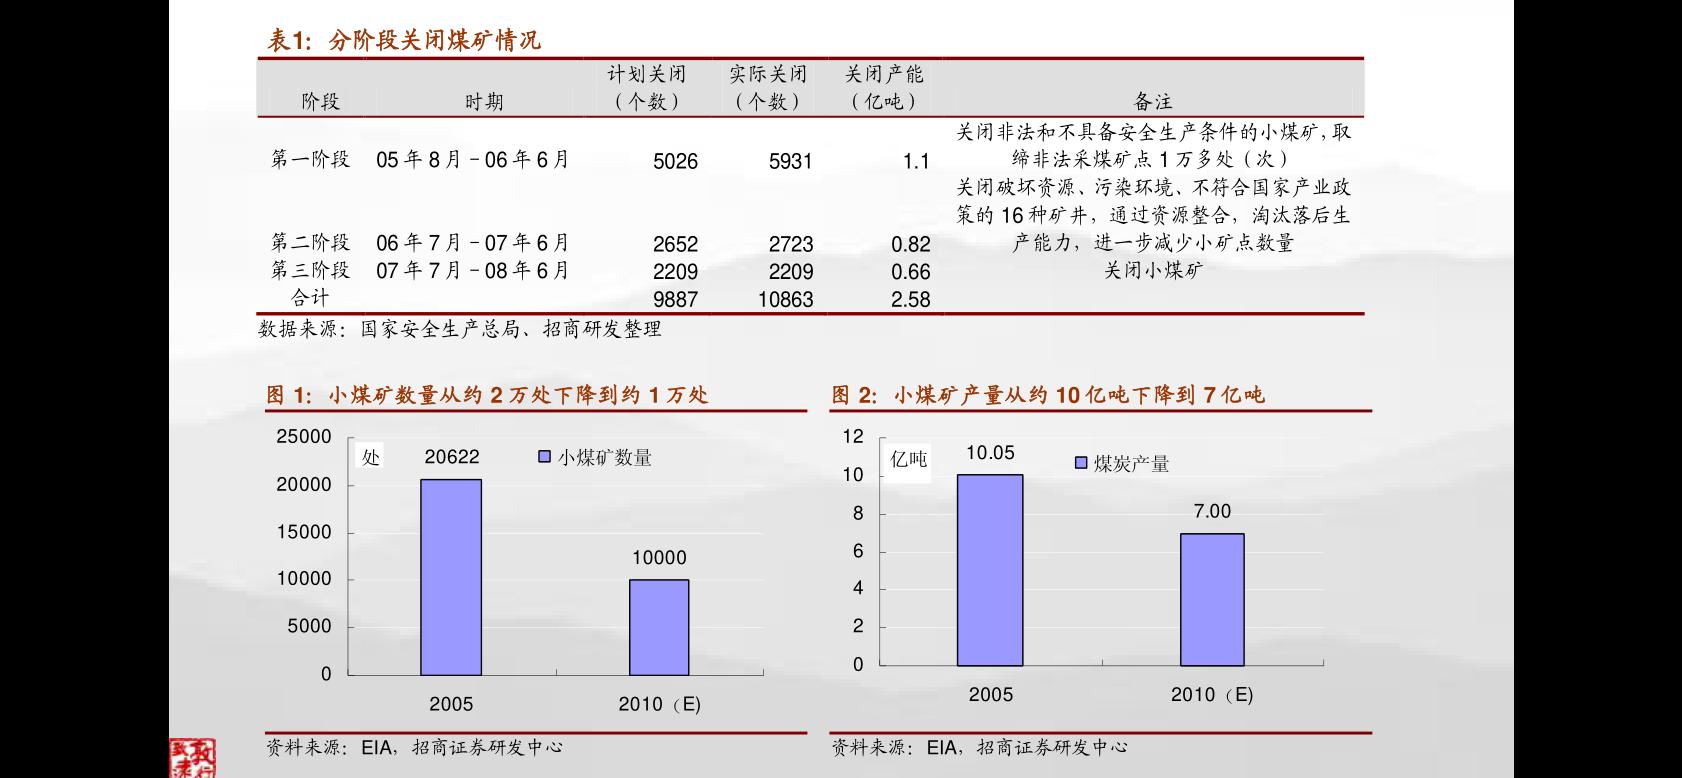 华泰雷火电竞平台-汽车雷火网址: 2020年汽车销量同比小幅下滑2%,2021 年汽车销量有望同比正增长-210113